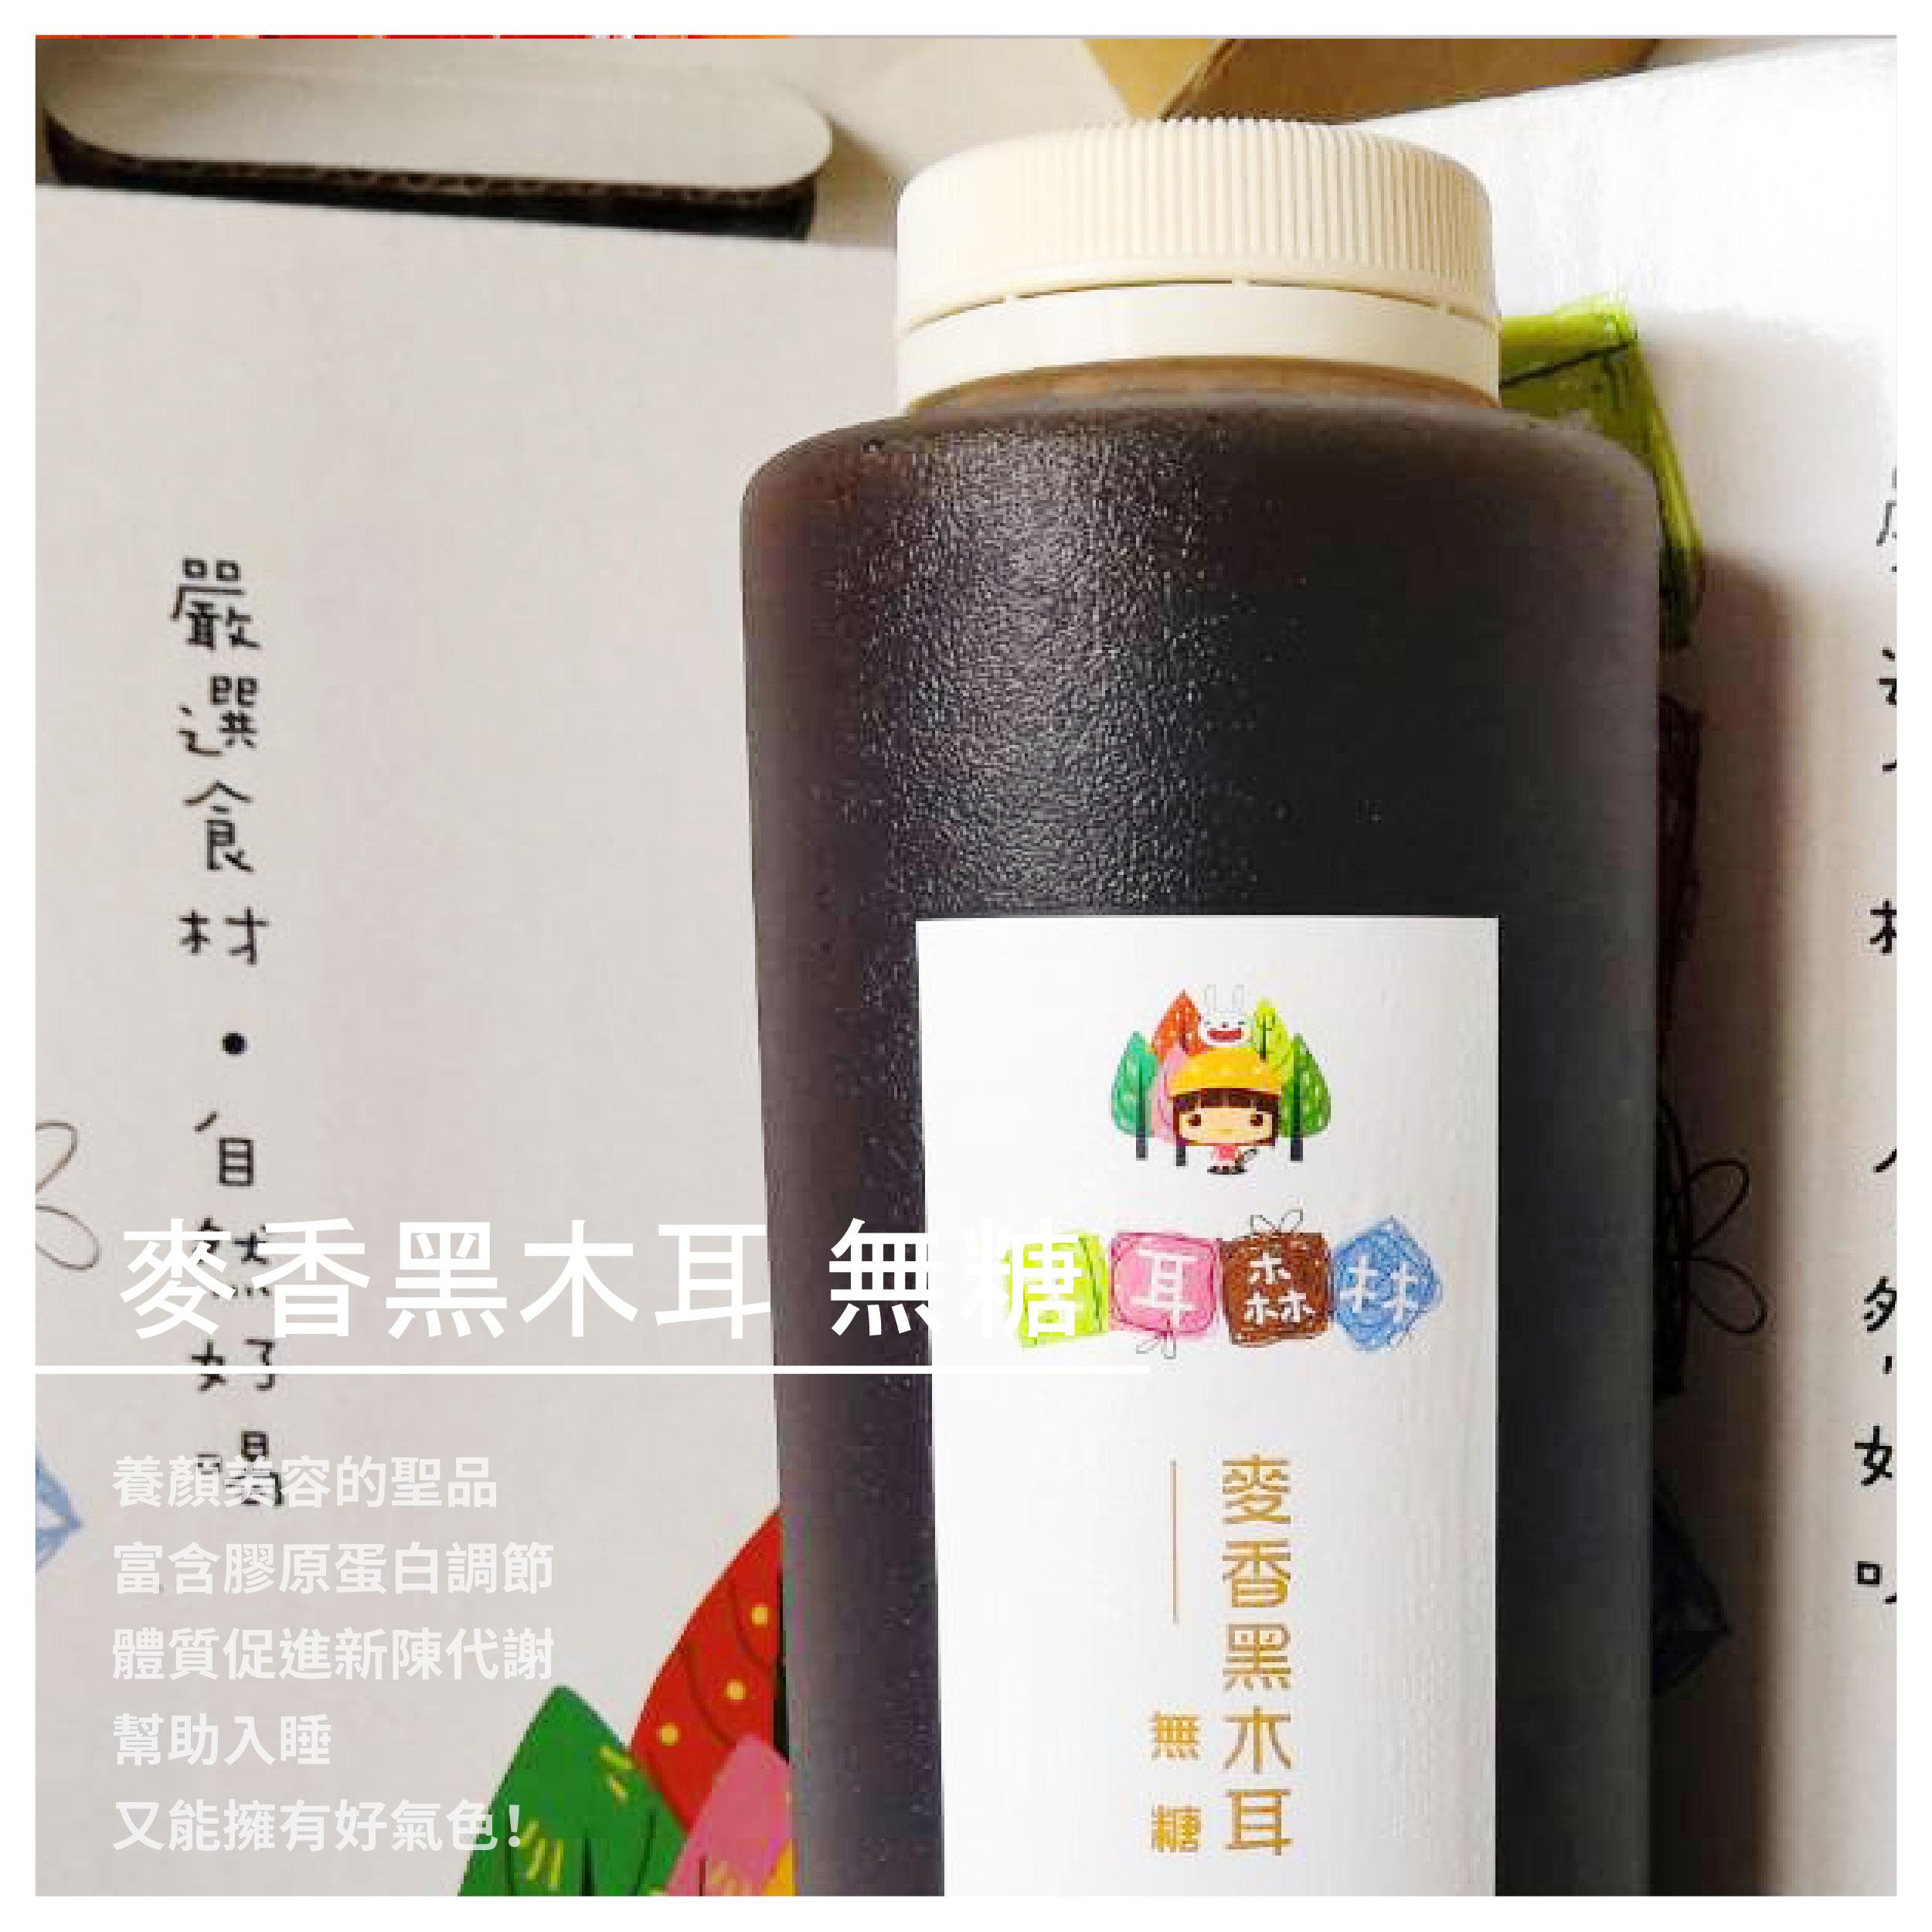 【木耳森林養生飲品】麥香黑木耳-無糖/中秋特惠6瓶699元